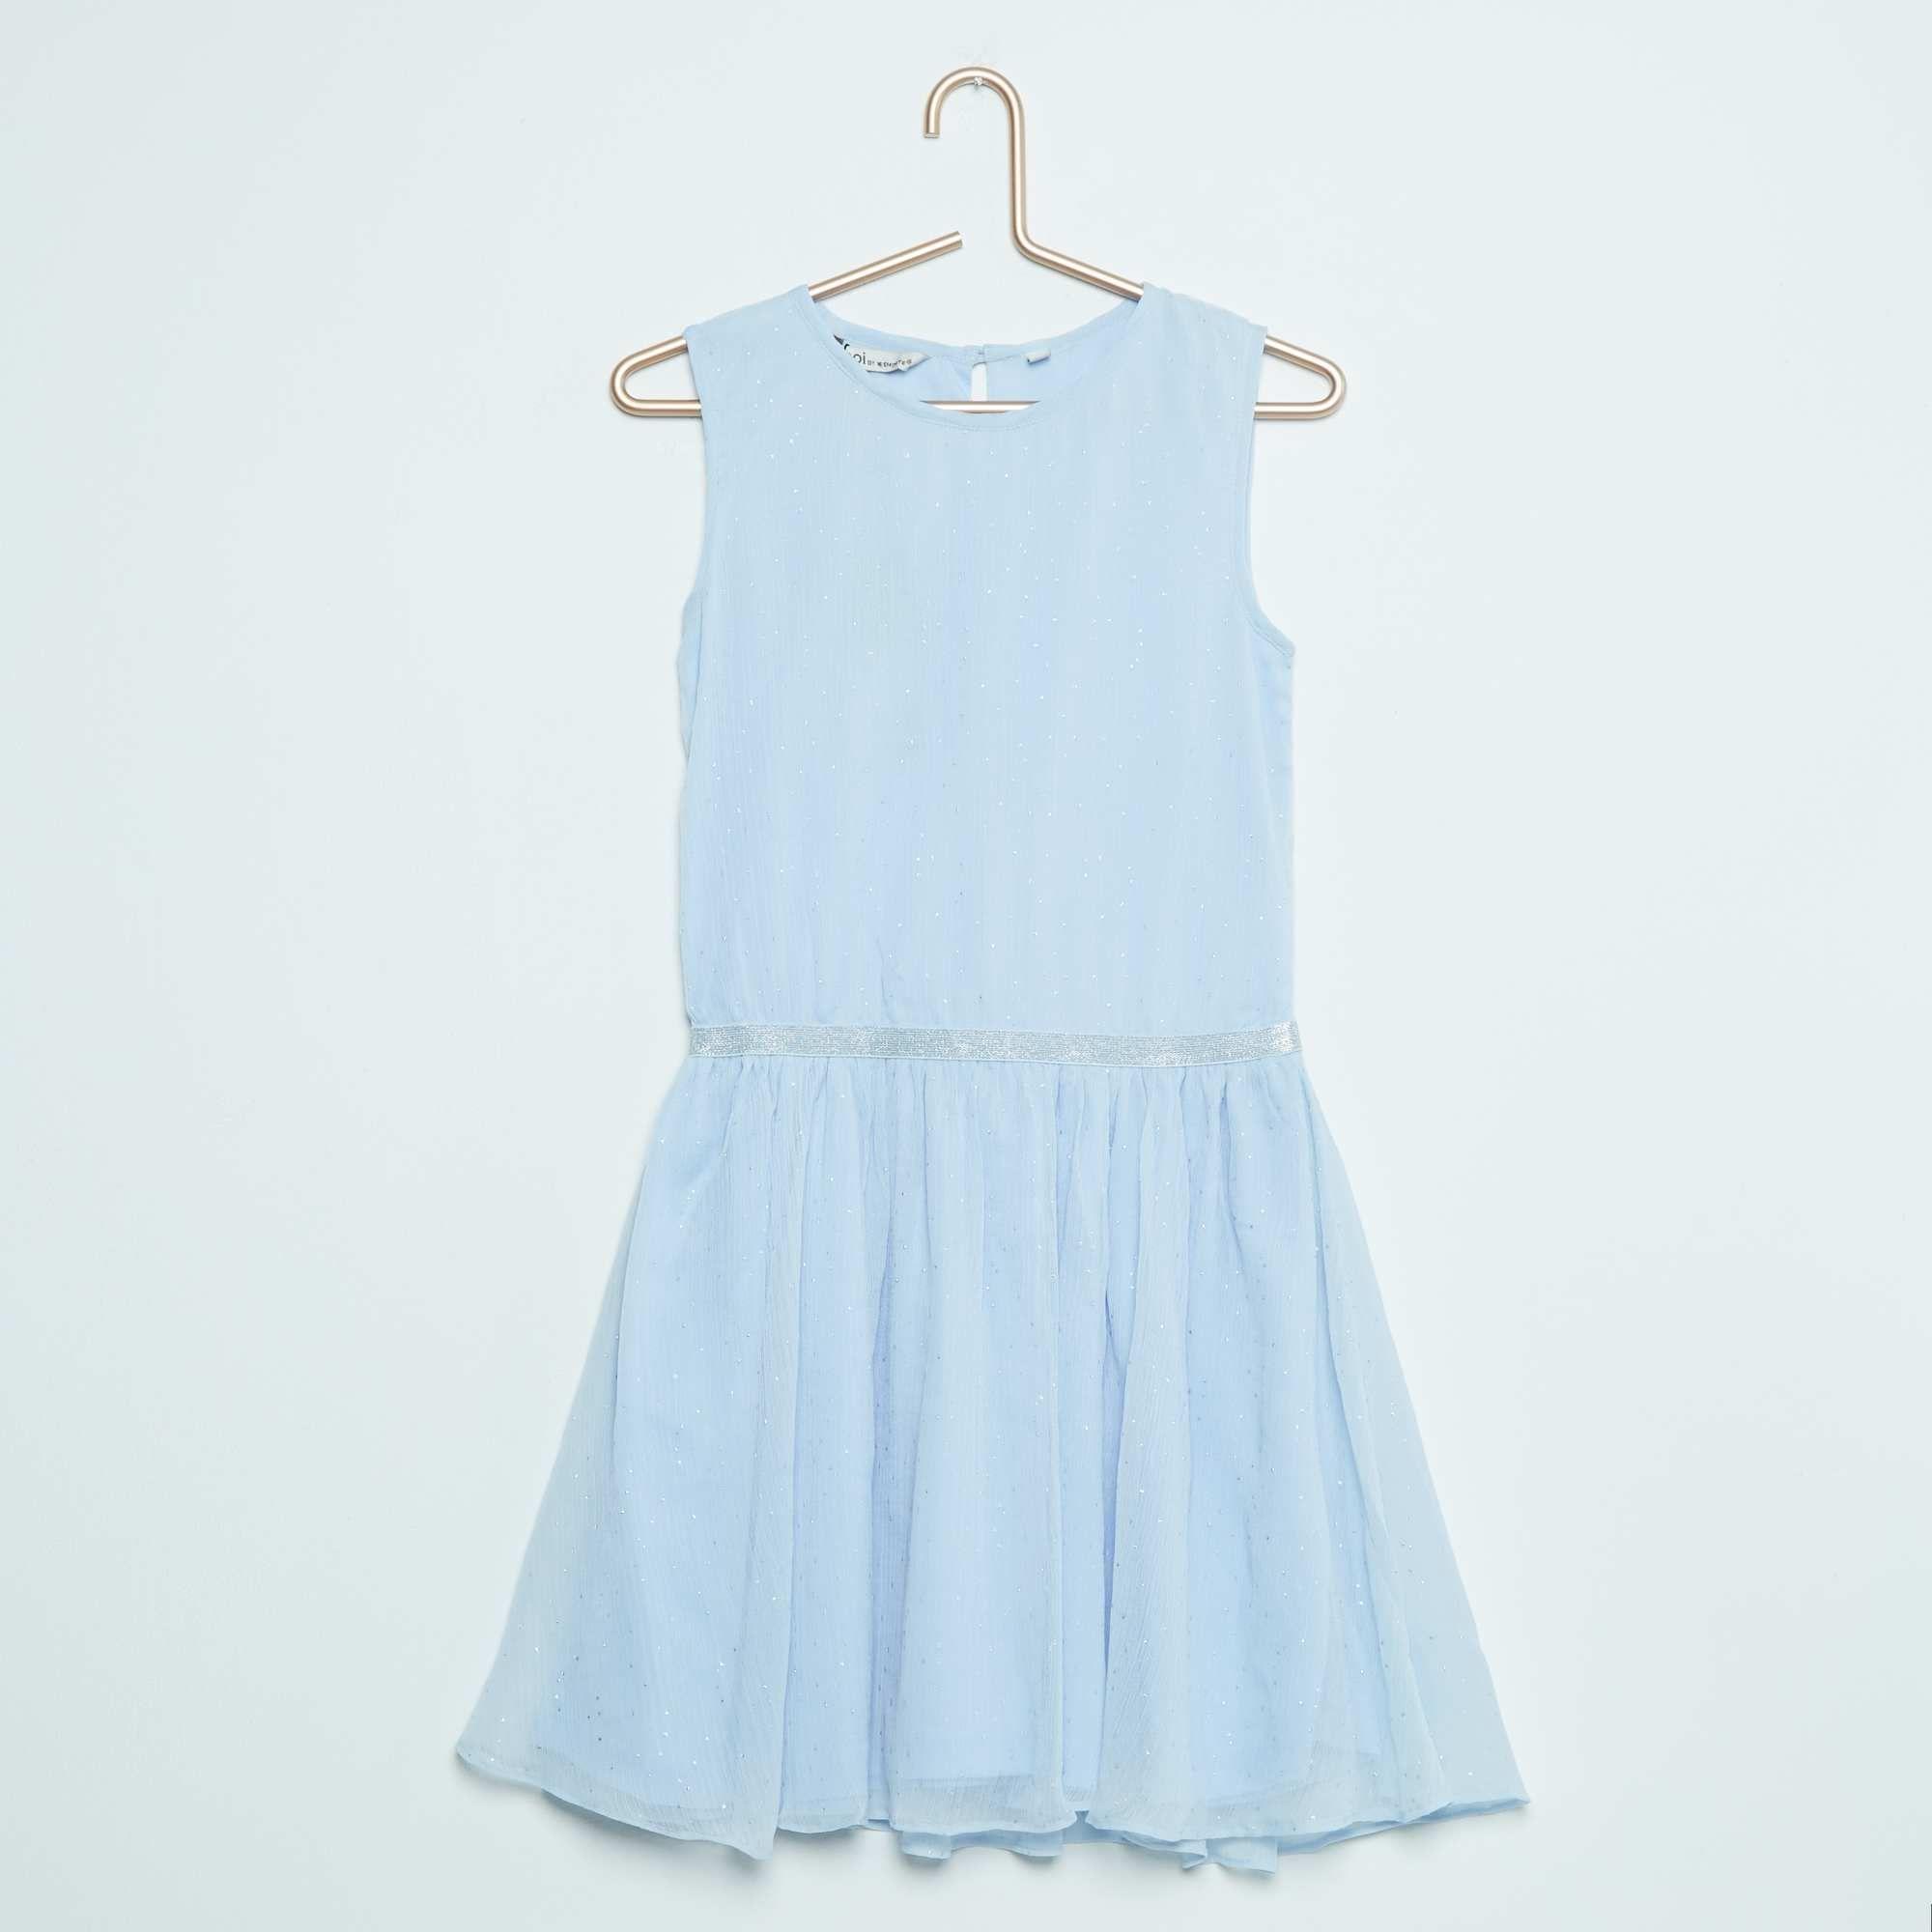 081d8e4499400 Robe de demoiselle d honneur avec corsage (3 mois à 16 ans) fille Next -  Blanc- Vue 1